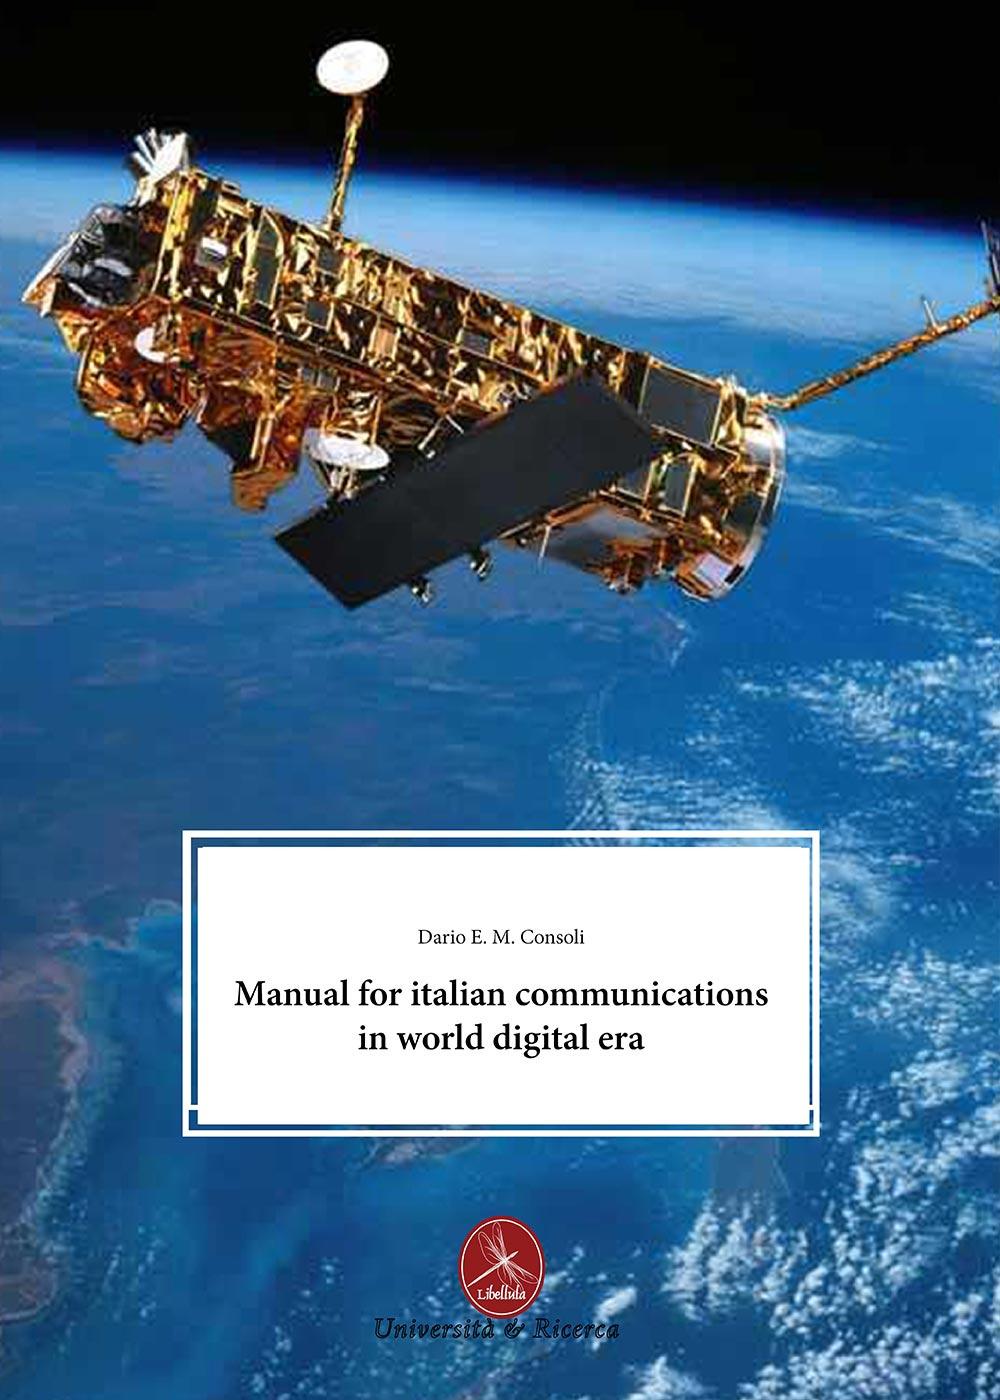 Dario E. Consoli Manual for italian communications in world digital era Dario E. Consoli ISBN:9788896818343